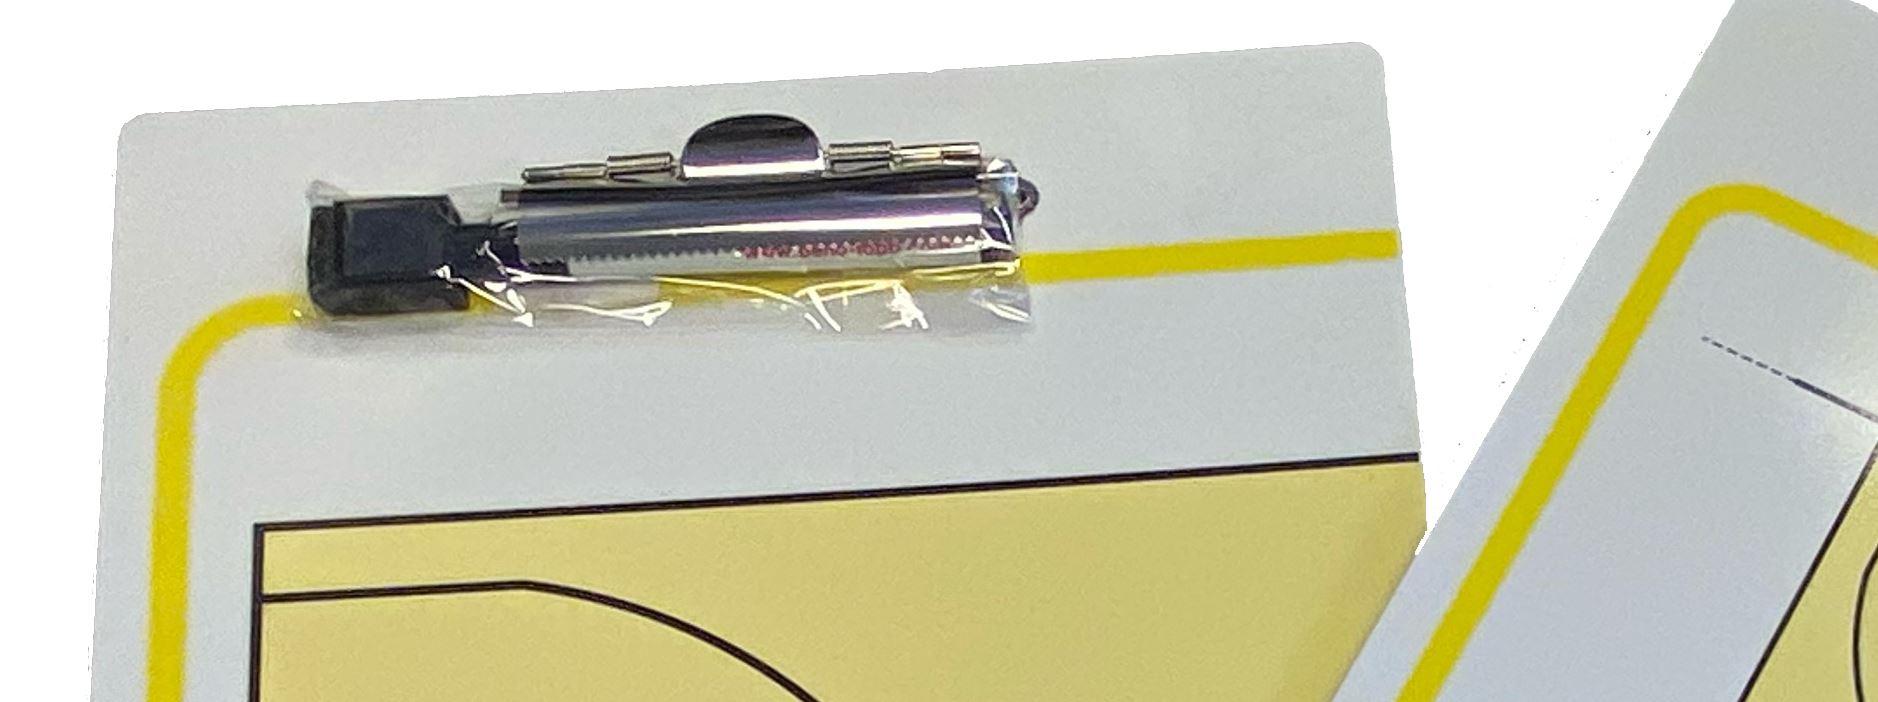 Afbeelding voor categorie SOULET Topo Clipboard de Luxe